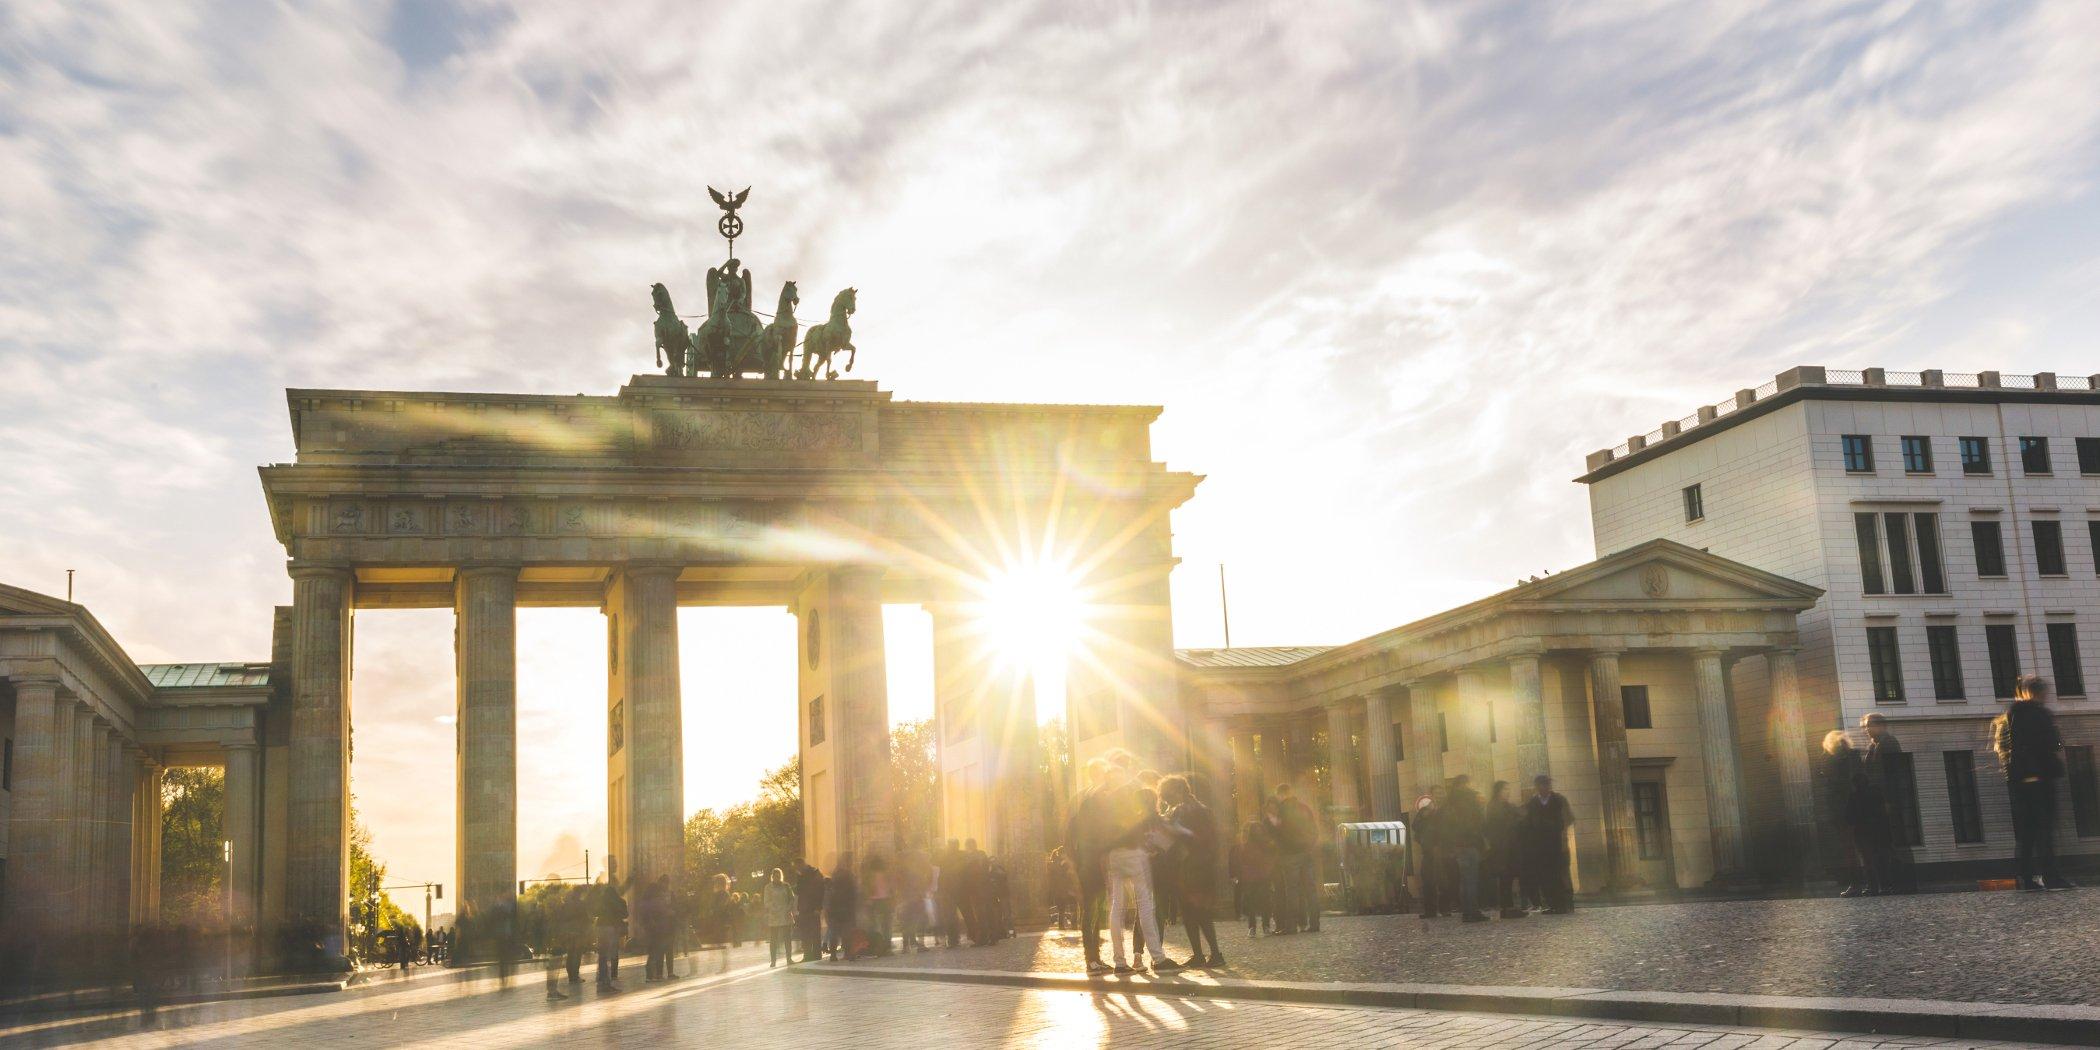 Sonnenstrahlen scheine durch das Brandenburger Tor